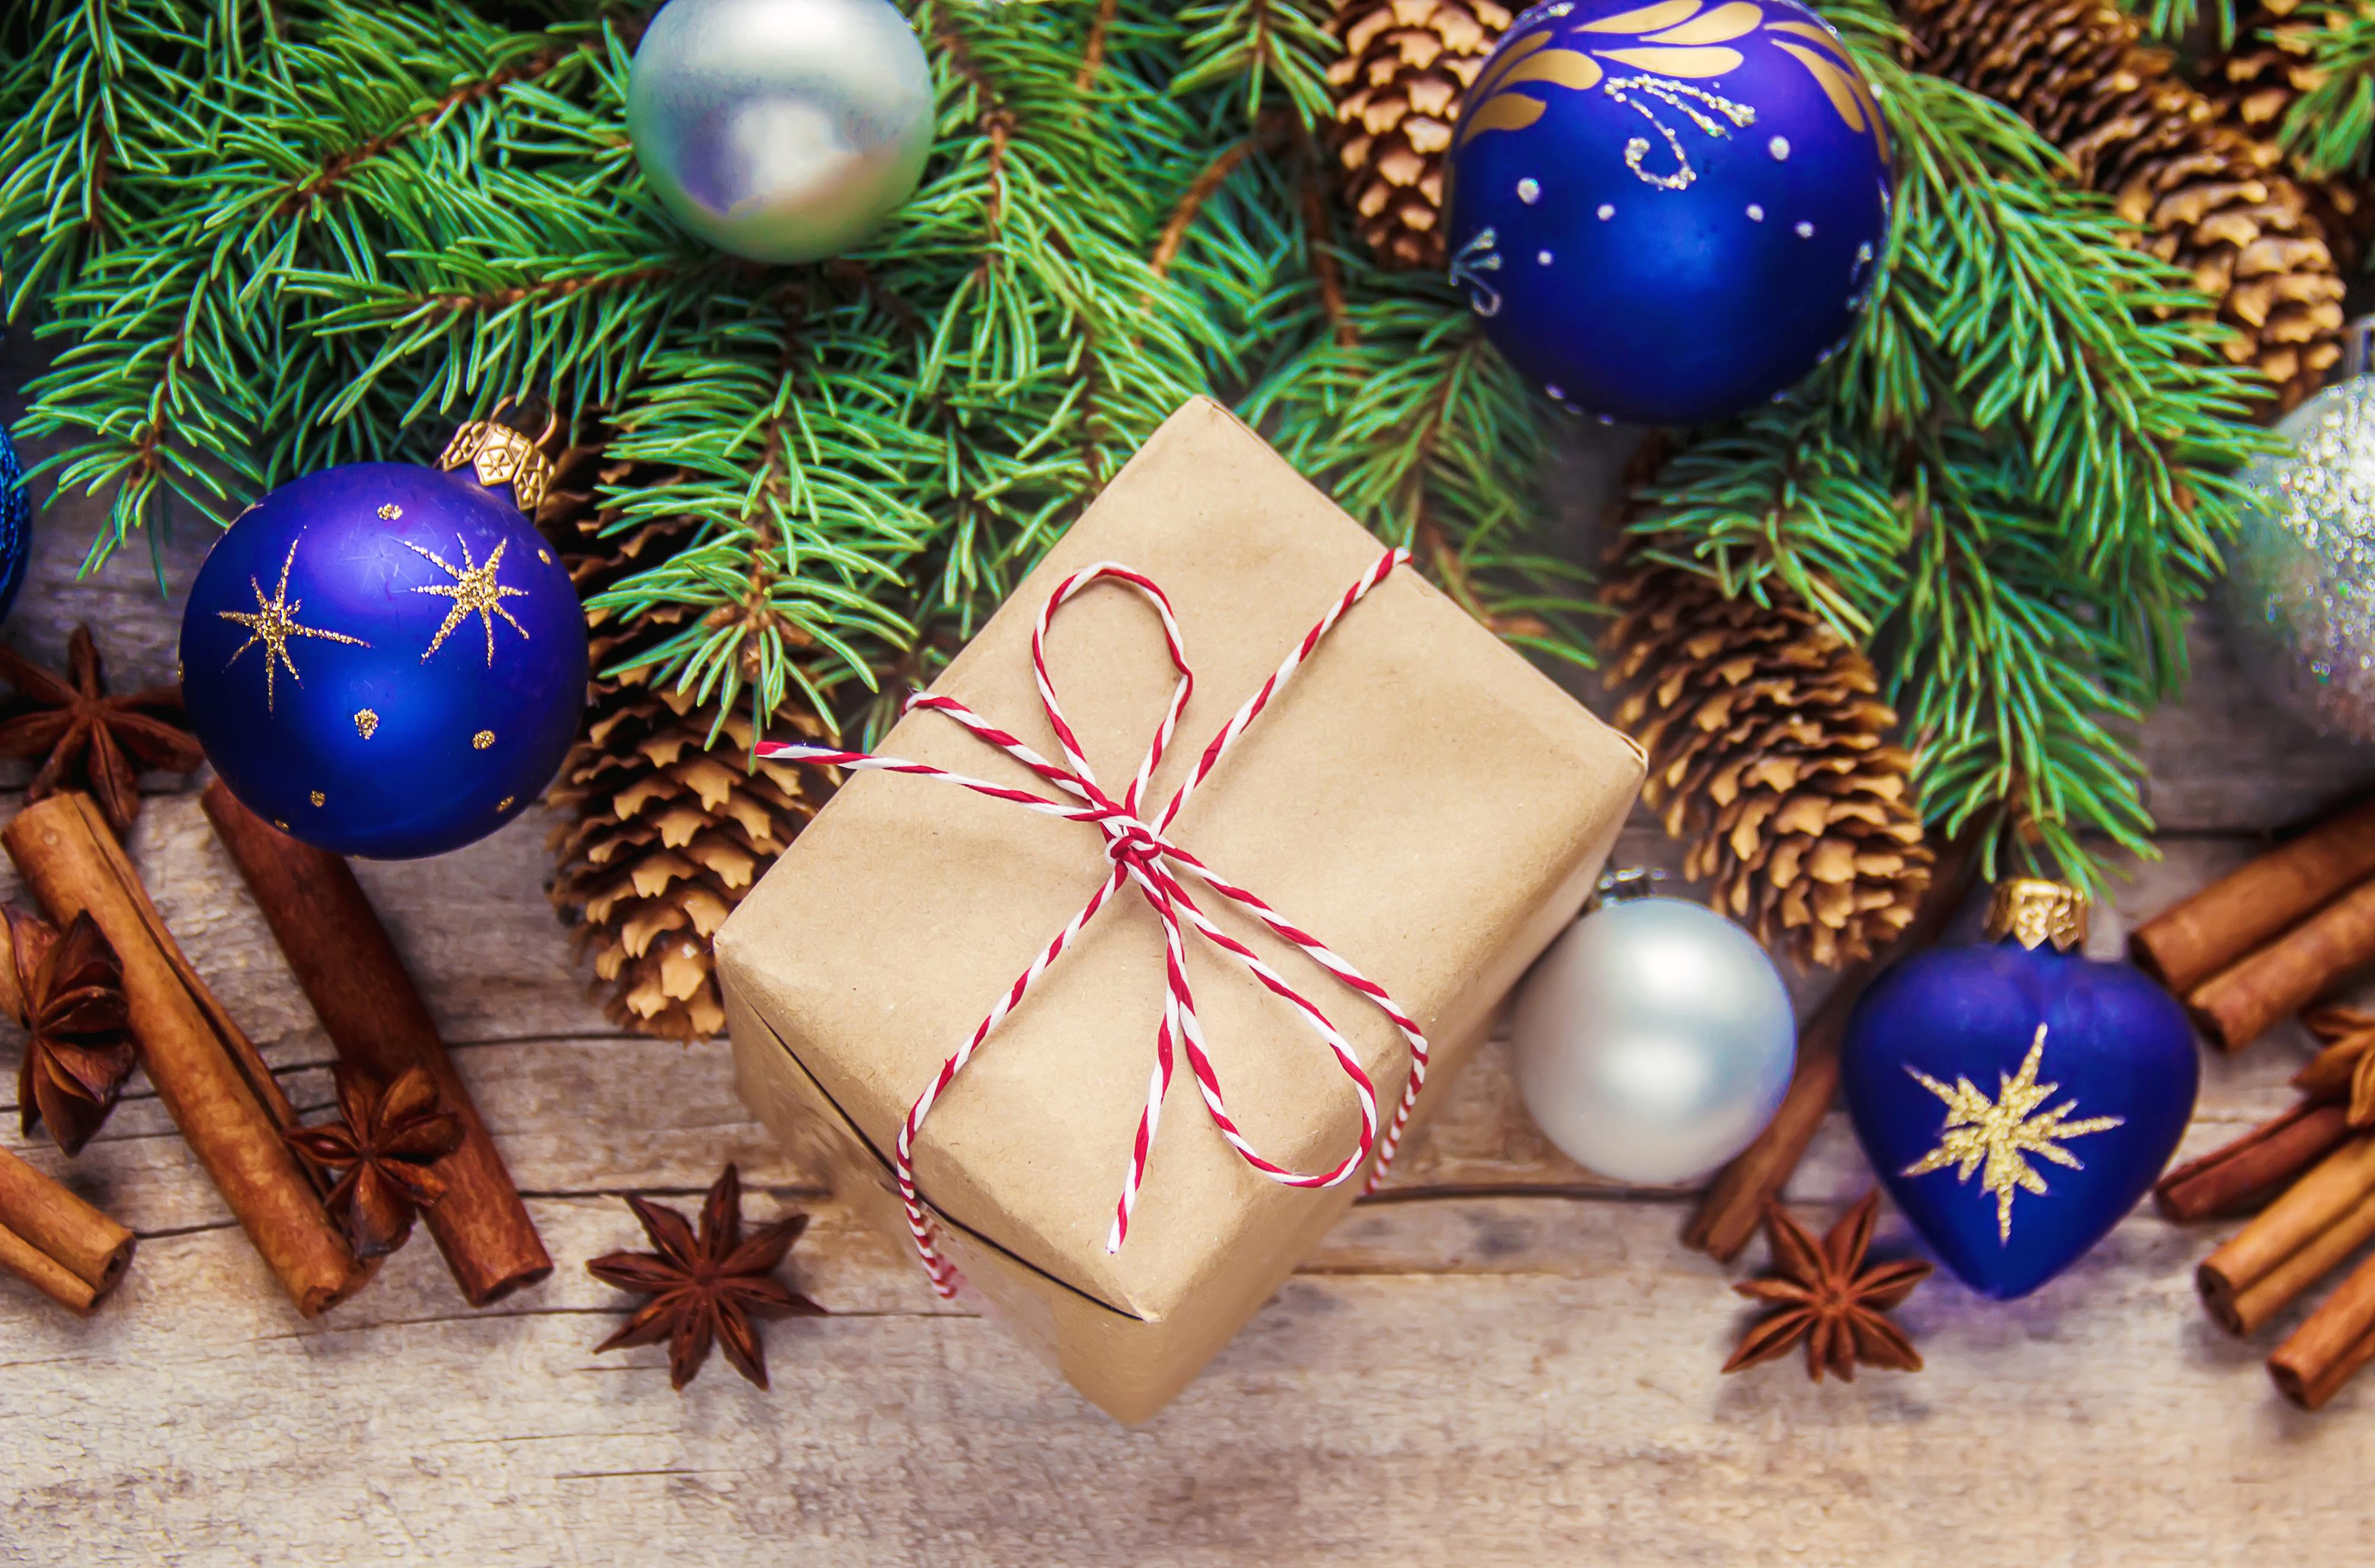 подарки на новый год картинки игрушки домашней степной рыси